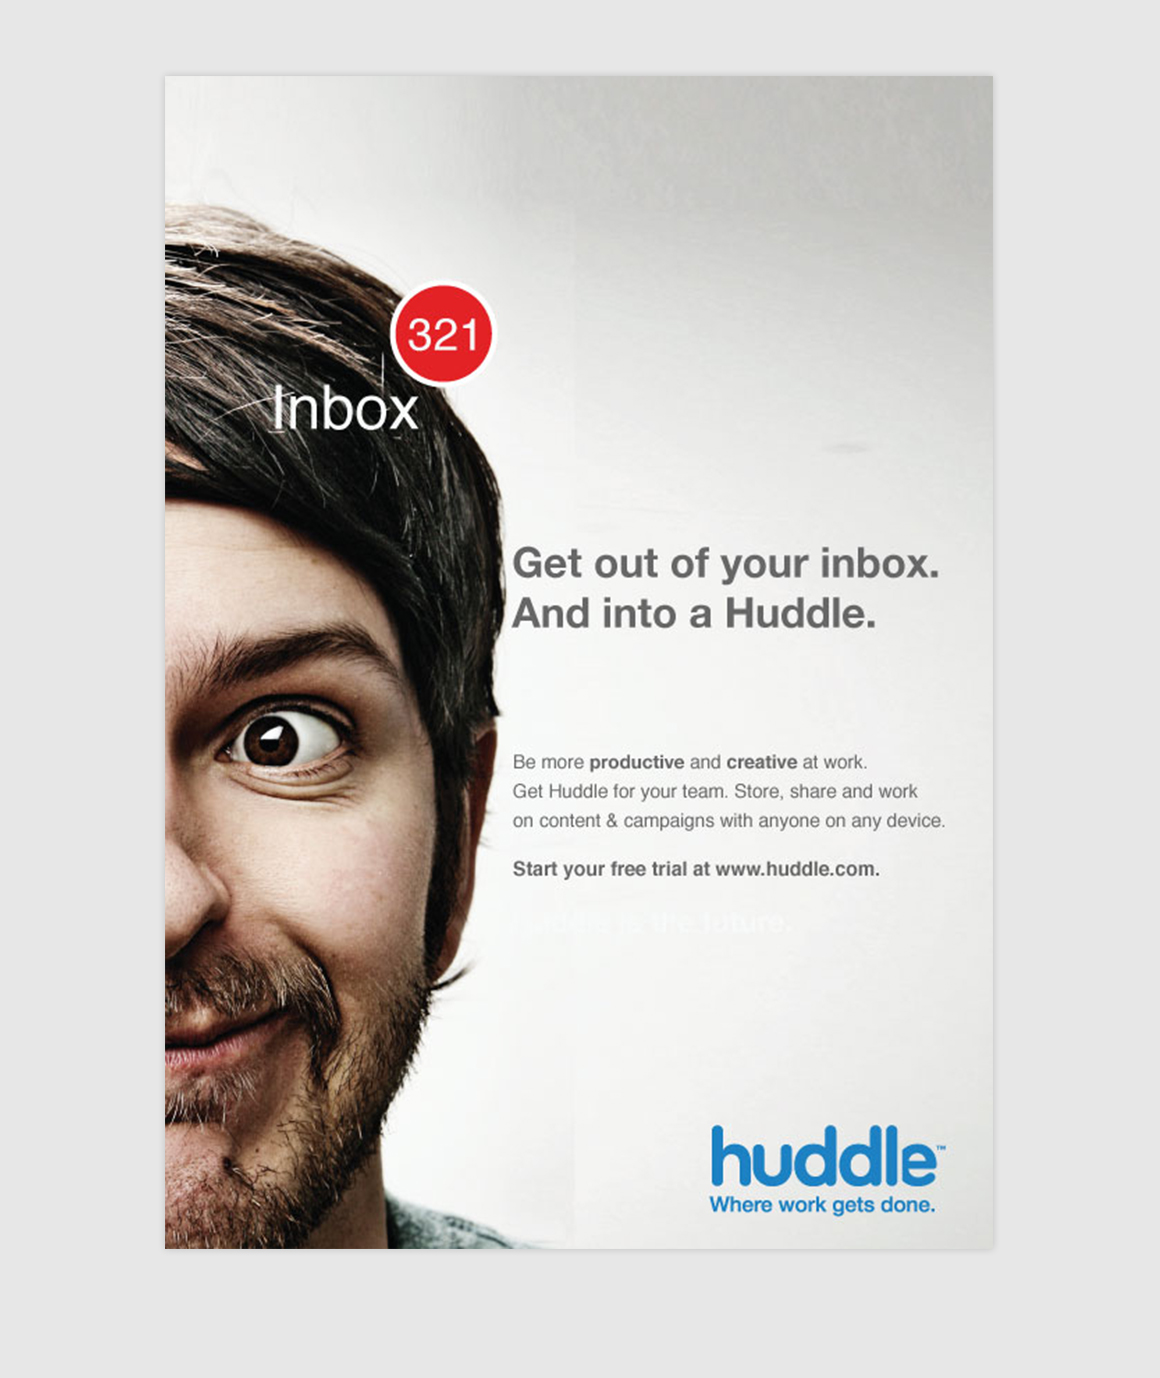 huddle_ad.jpg